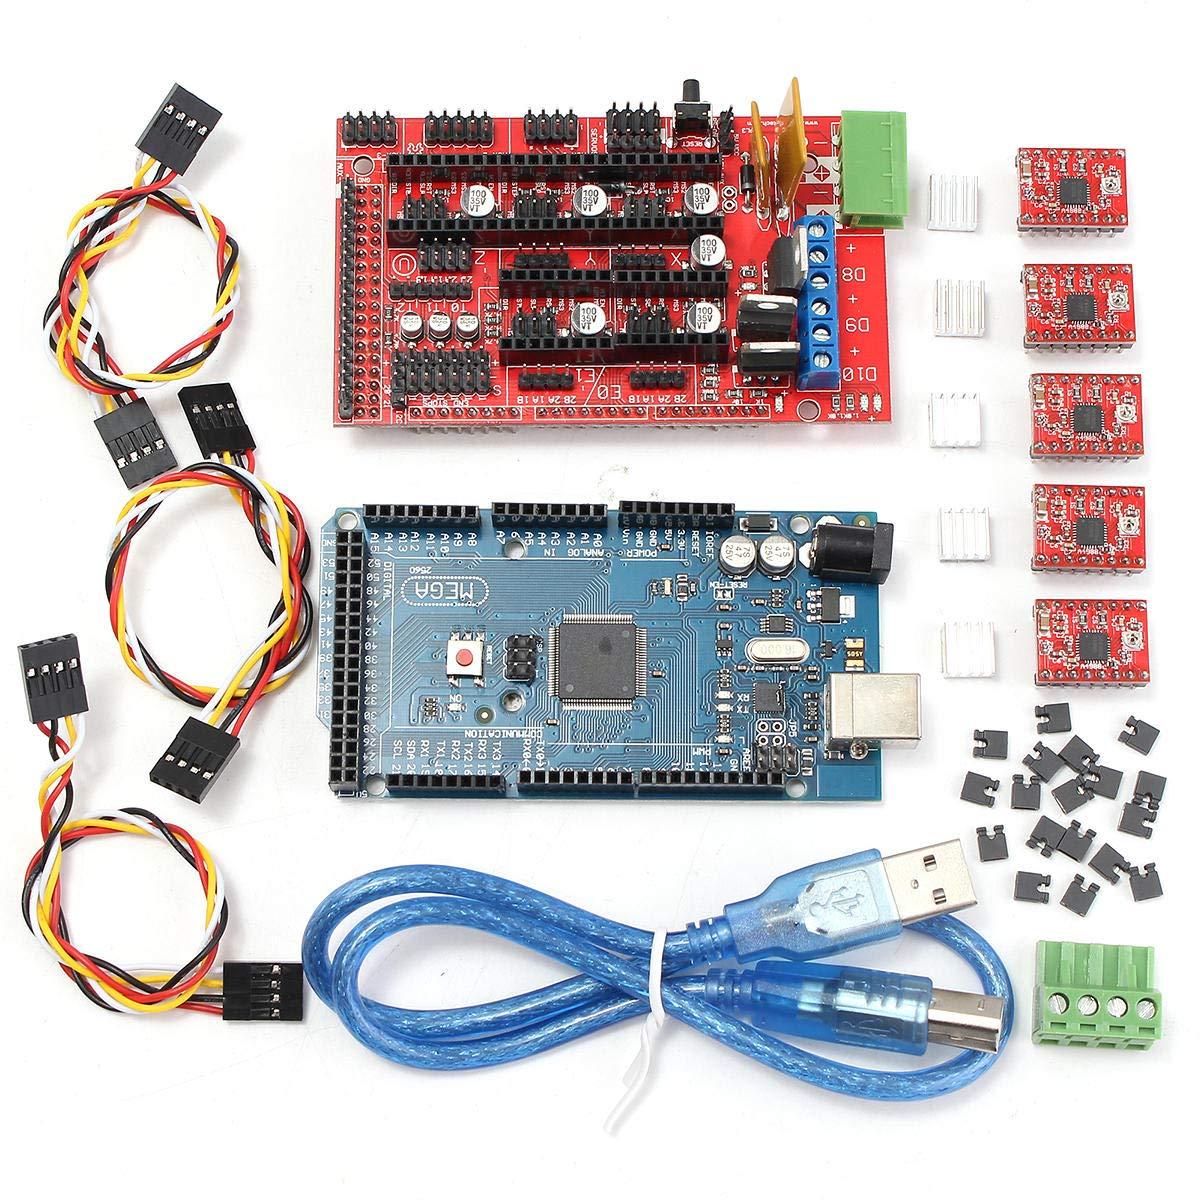 RAMPS 1.4 + Mega2560 + 5xA4988 Controlador 3D Kit de ...